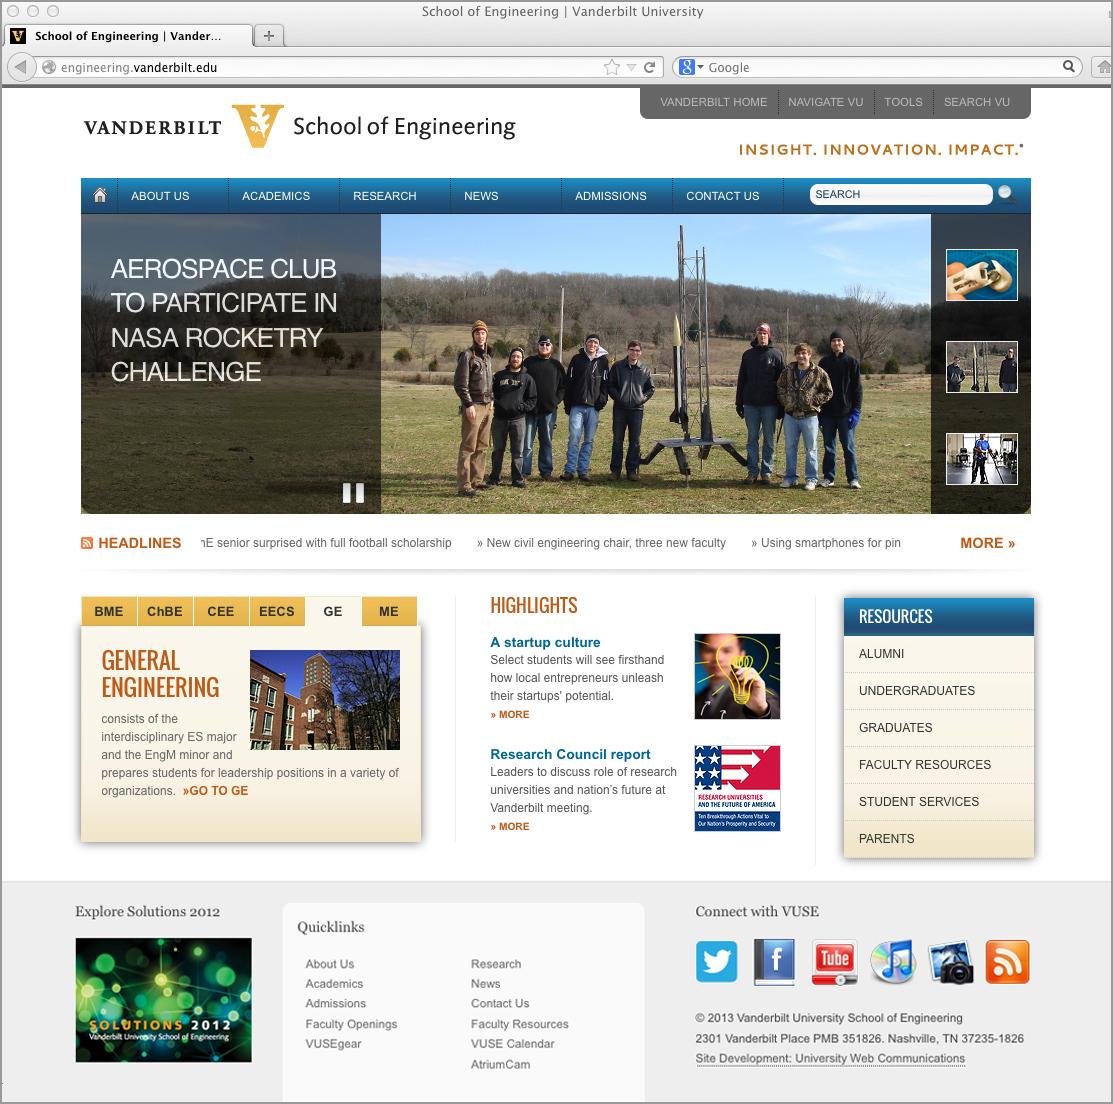 Vanderbilt School of Engineering site design